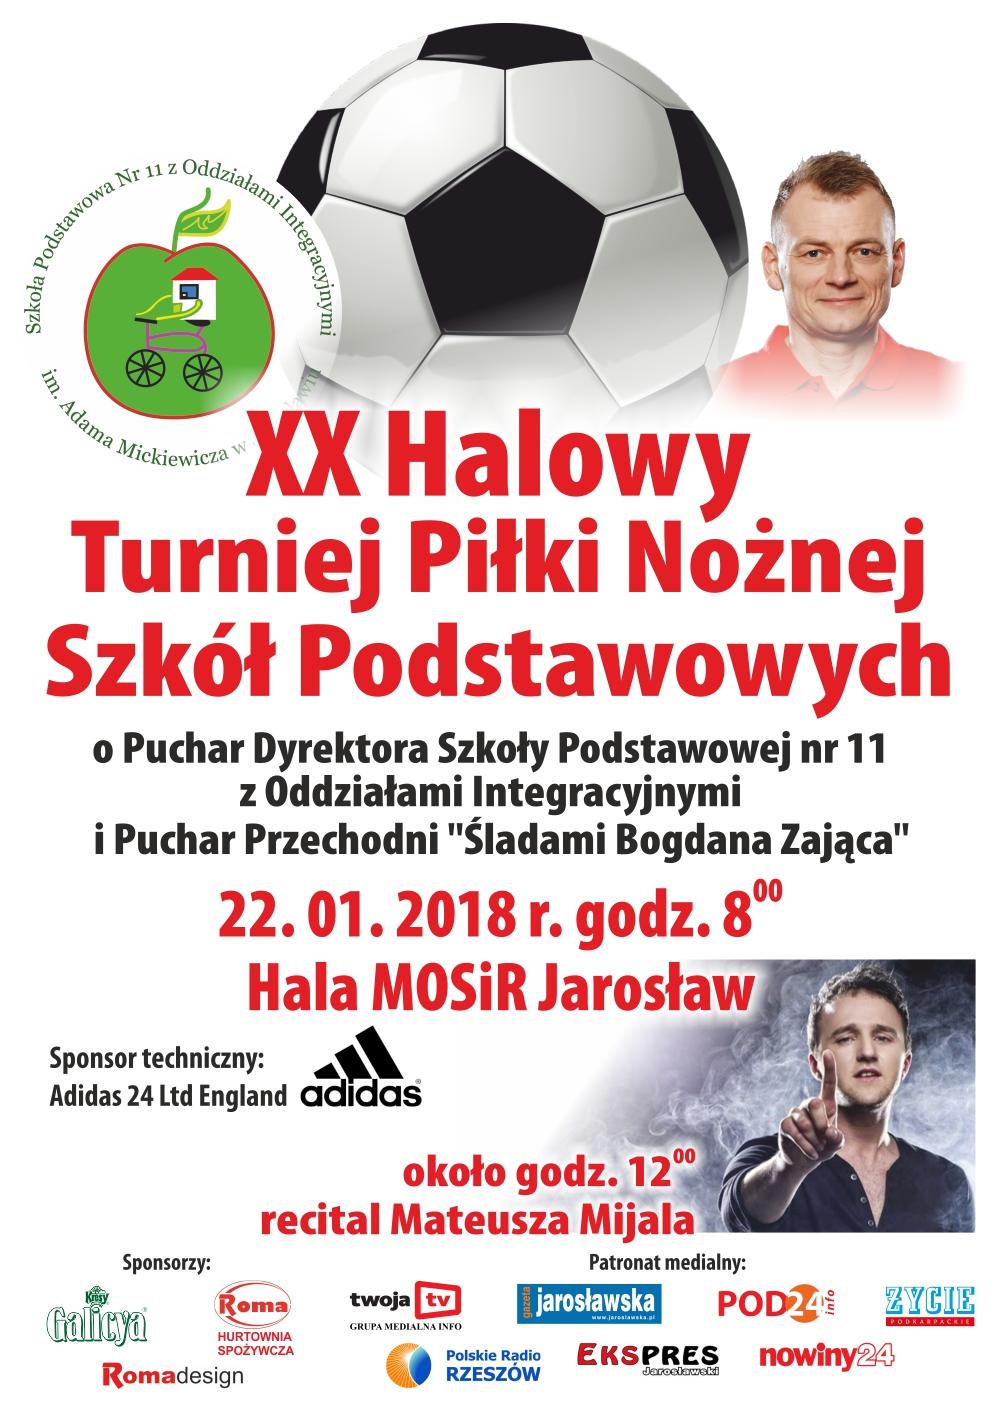 XX Halowy Turniej  Piłki Nożnej